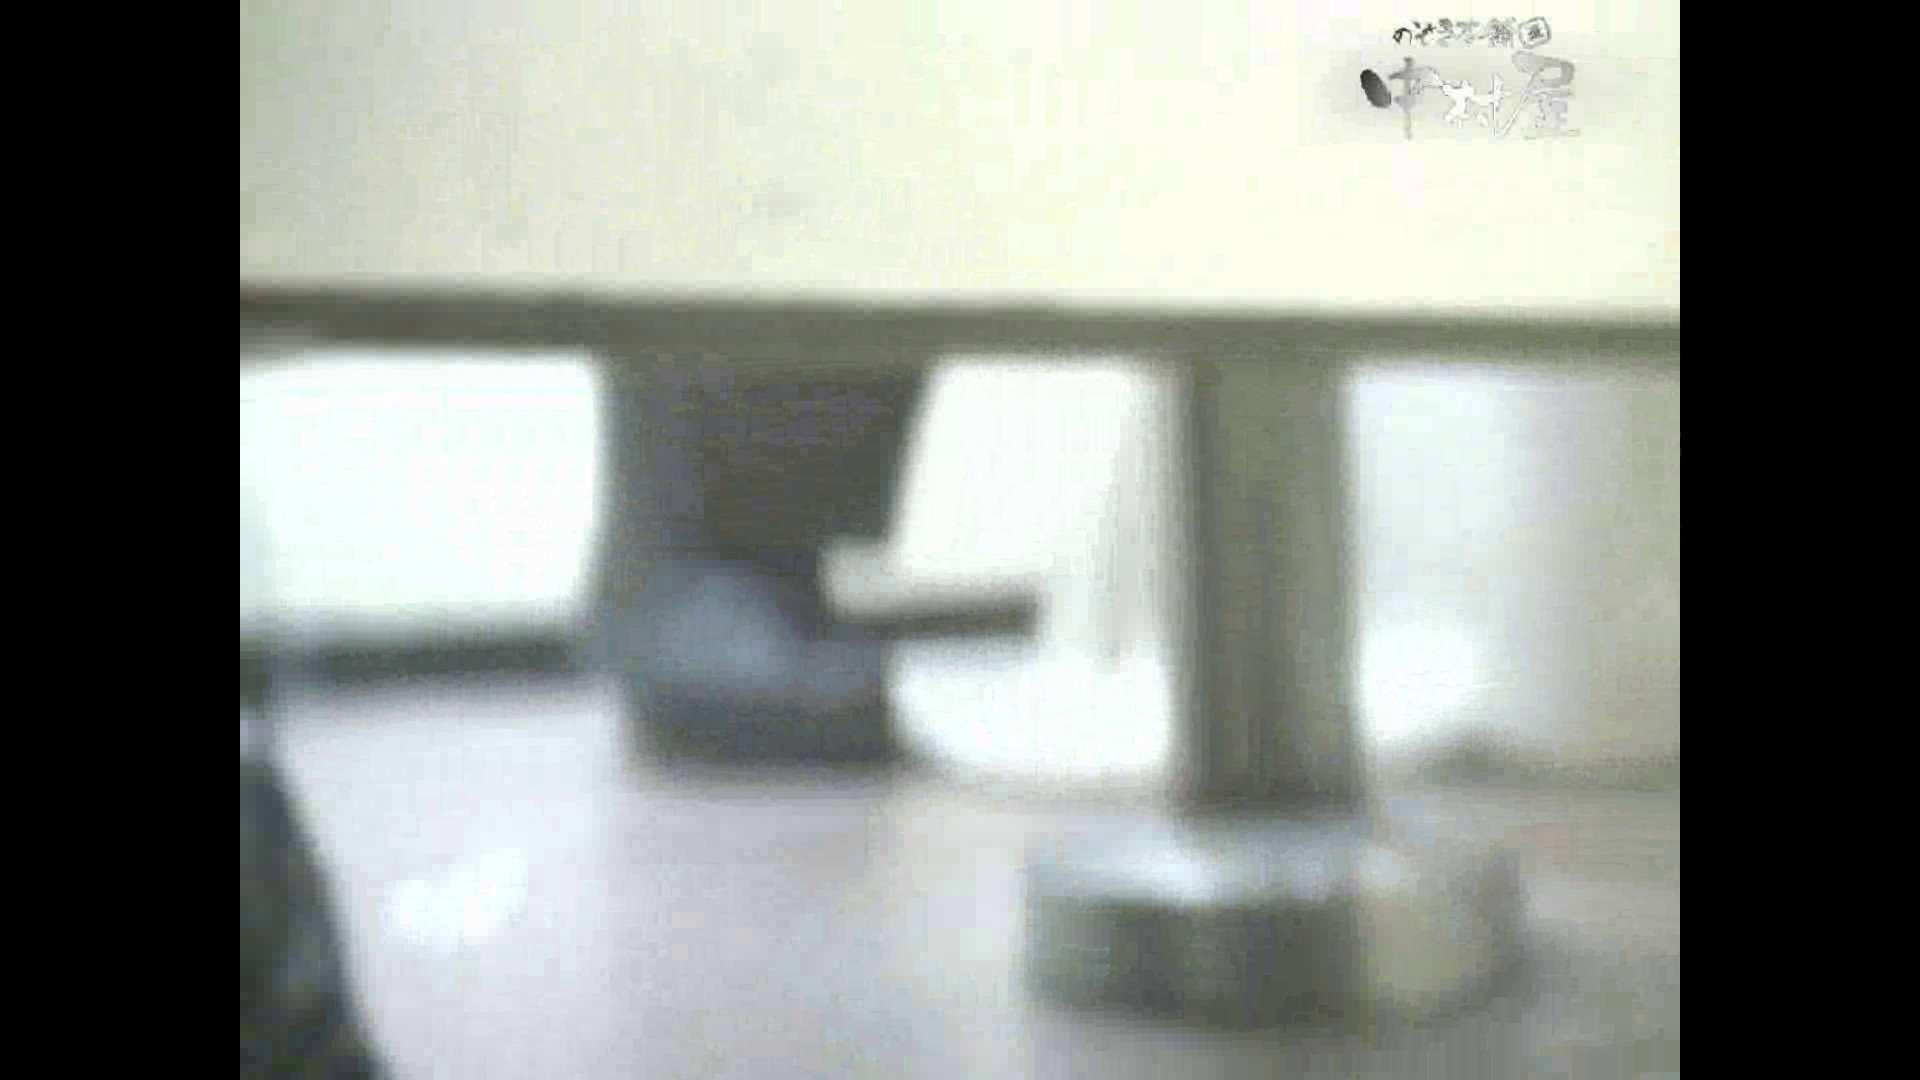 岩手県在住盗撮師盗撮記録vol.27 盗撮 AV無料動画キャプチャ 82連発 8